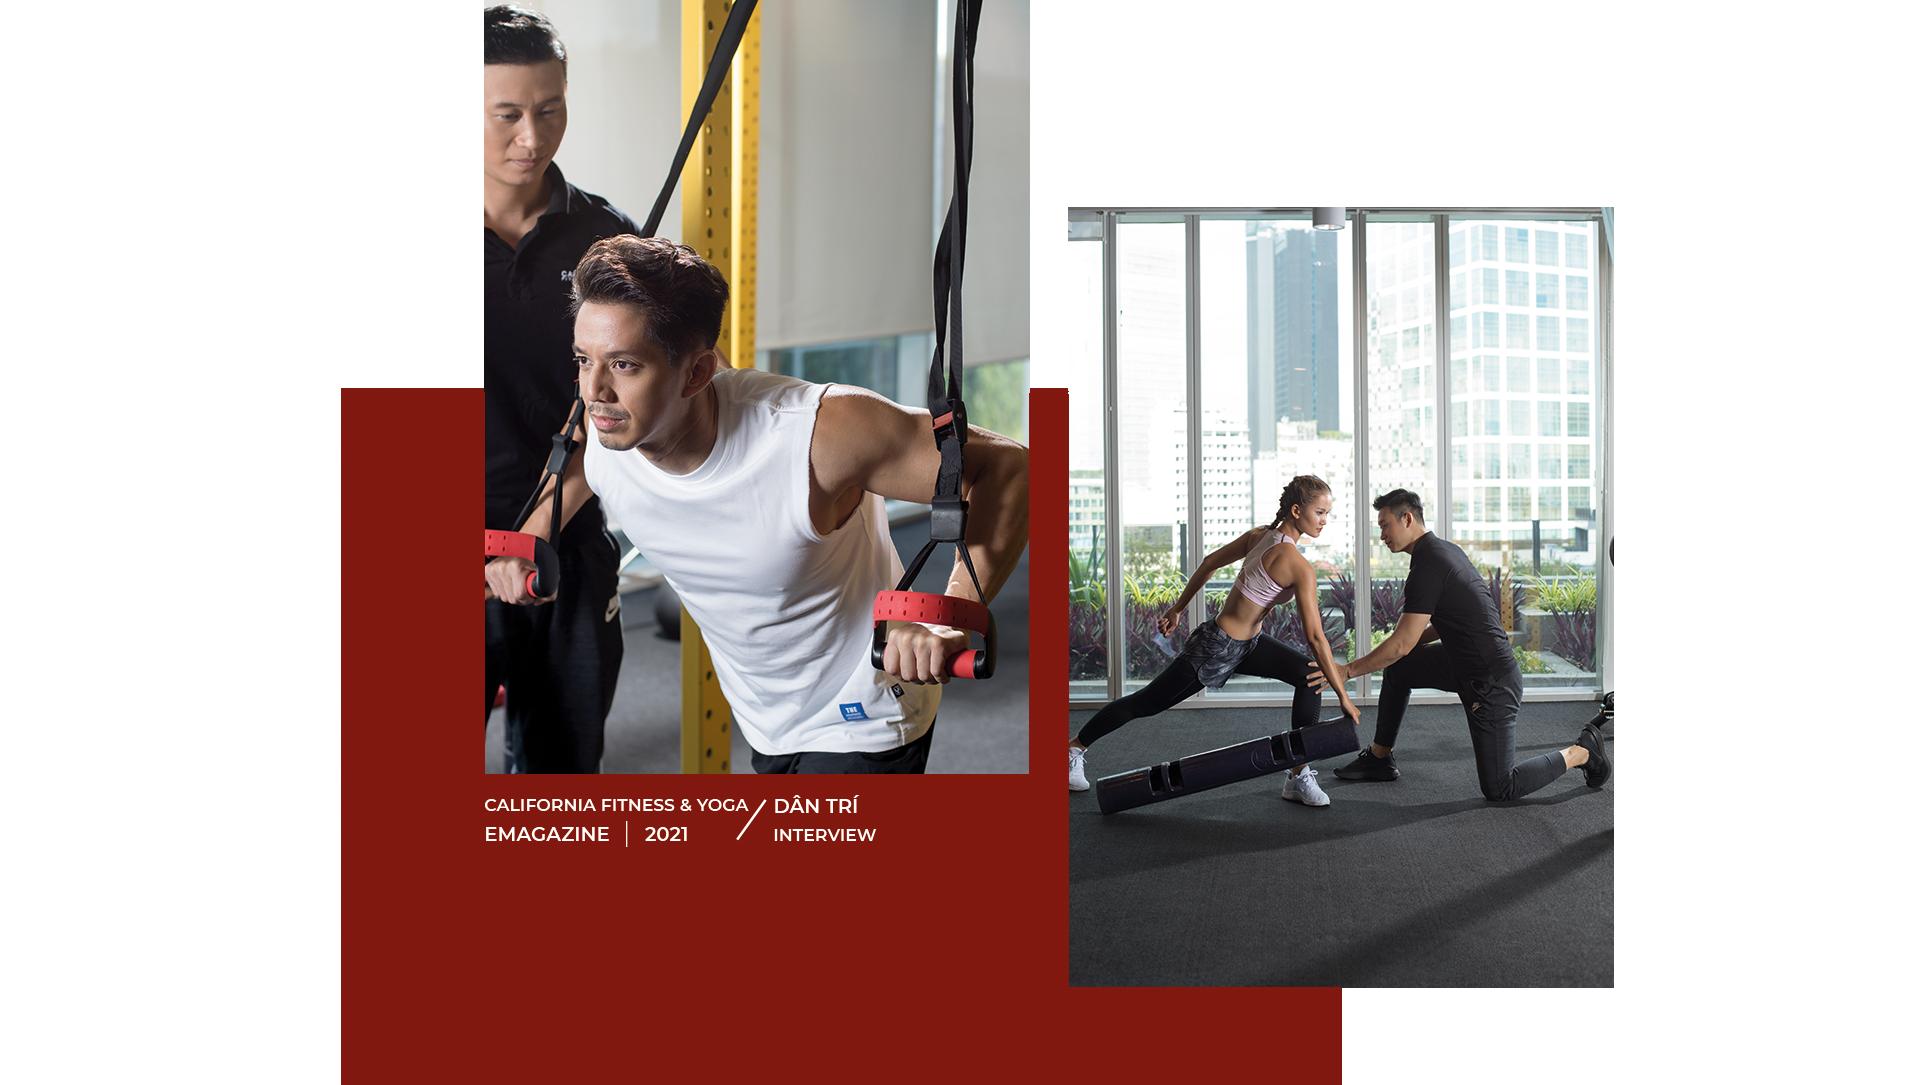 CEO của California Fitness  Yoga: Xe có thể thay mới nhưng cơ thể của bạn thì không - 7